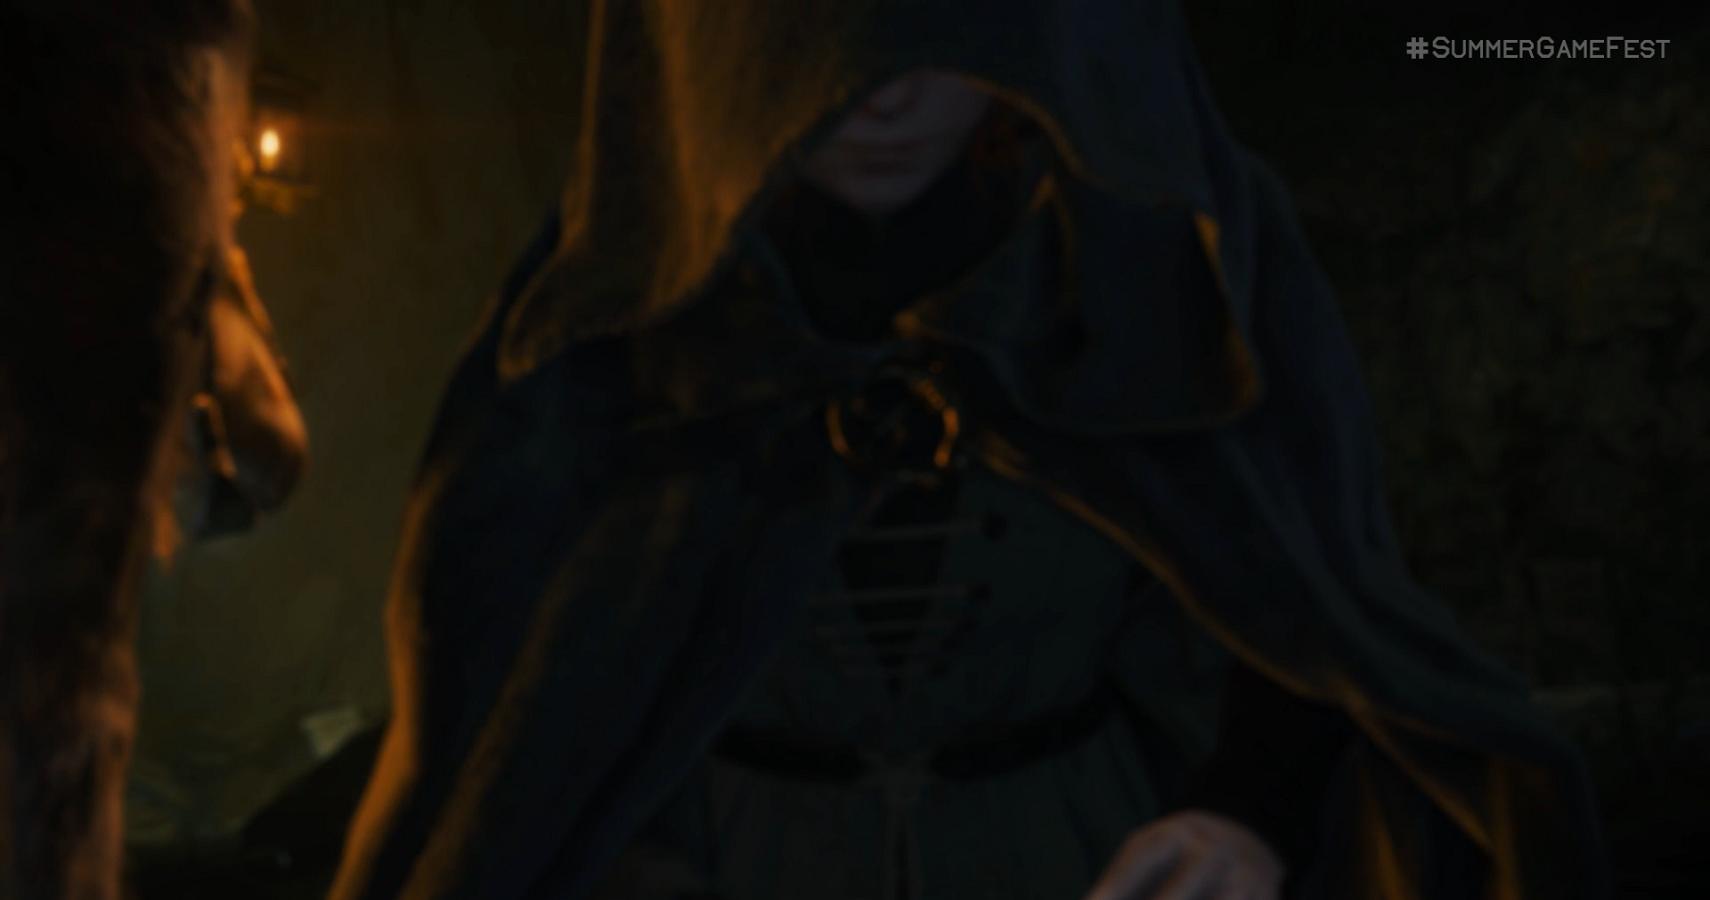 Elden Ring Gameplay Finally Revealed At Summer Game Fest